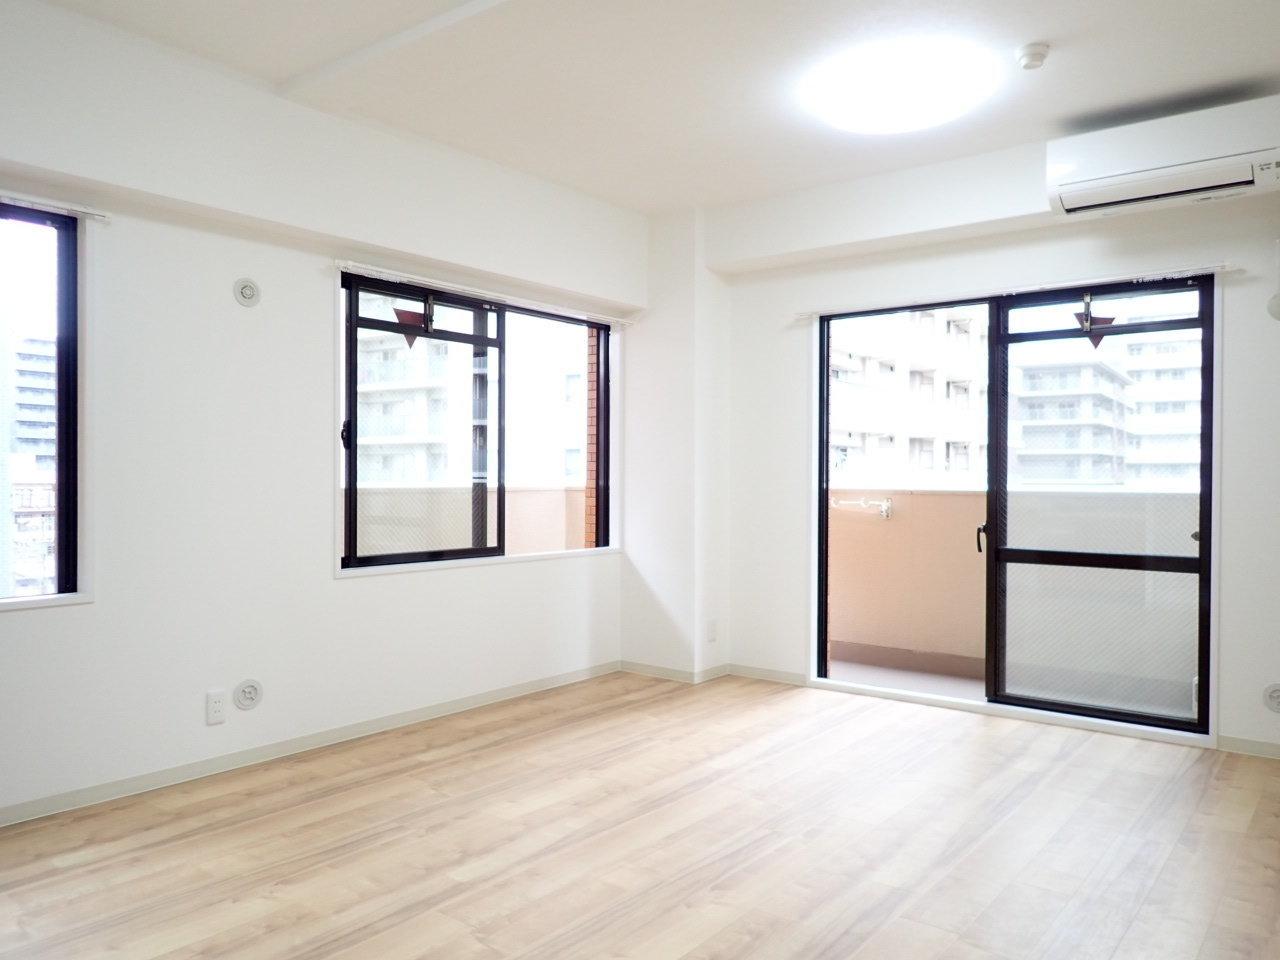 角部屋ということもあり、窓が3つあって明るいお部屋が印象的です。薄いベージュの床に、黒の窓枠が引き締め効果を出しているような気がします。